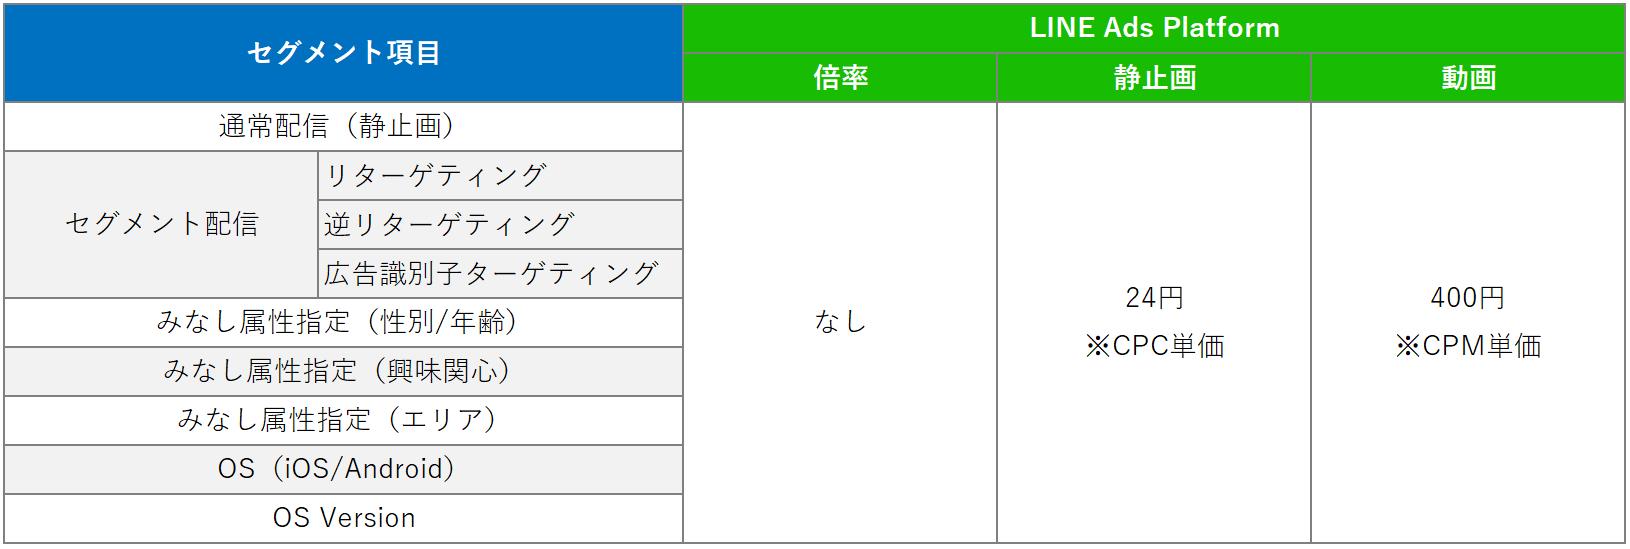 LINE Ads Platformの最低入札単価